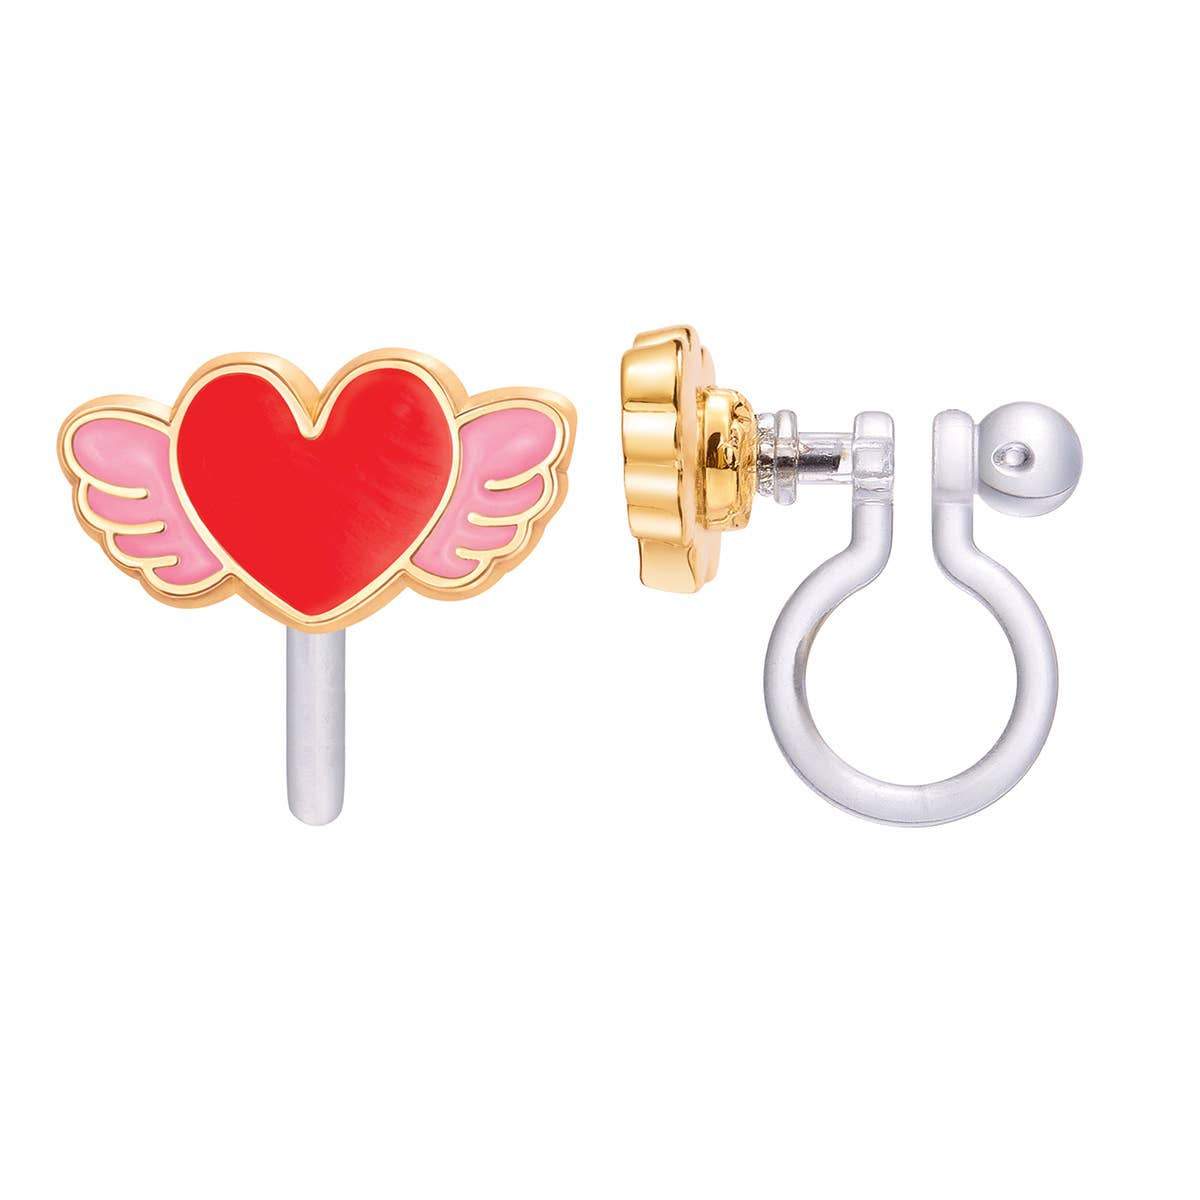 CLIP ON Cutie Earrings- Angel Heart   Trada Marketplace